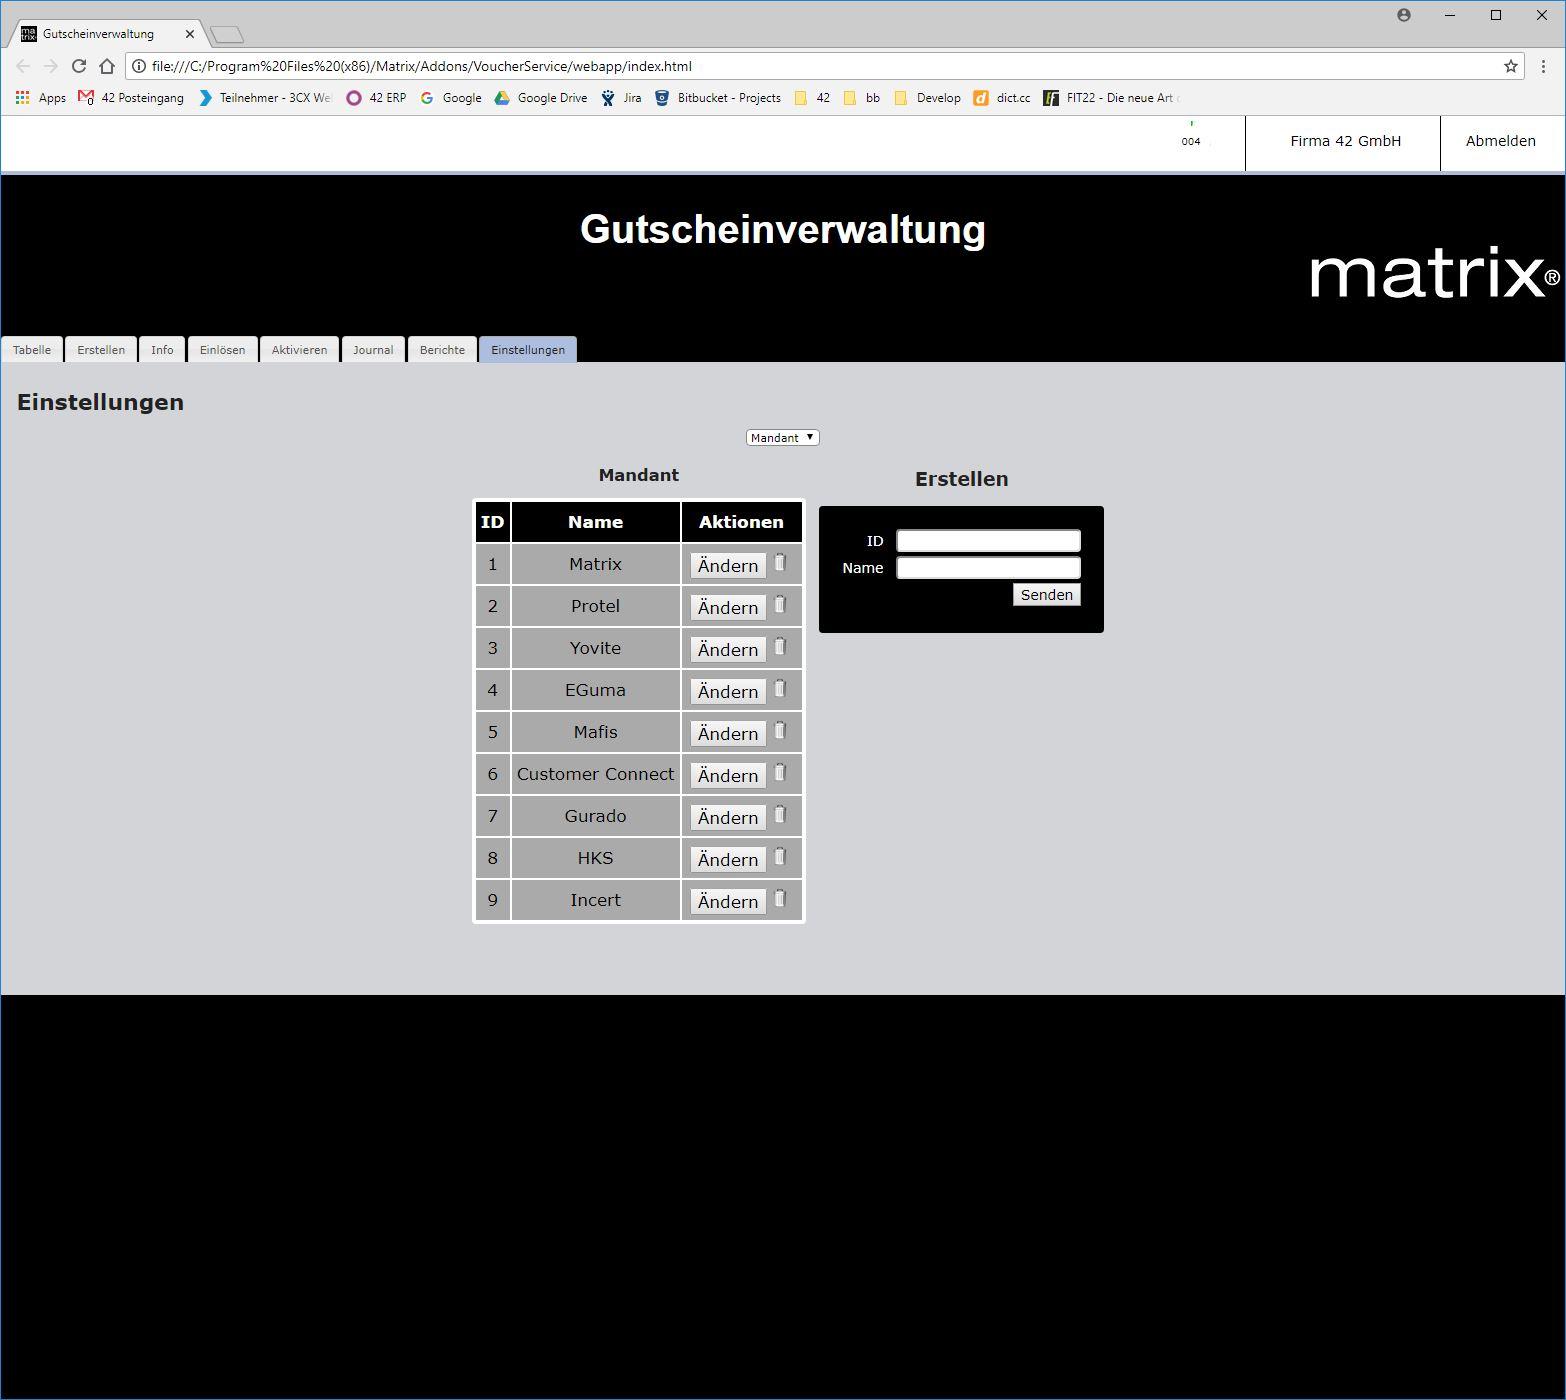 Gutscheinverkauf mit moderner Software - Voucher Mandanten